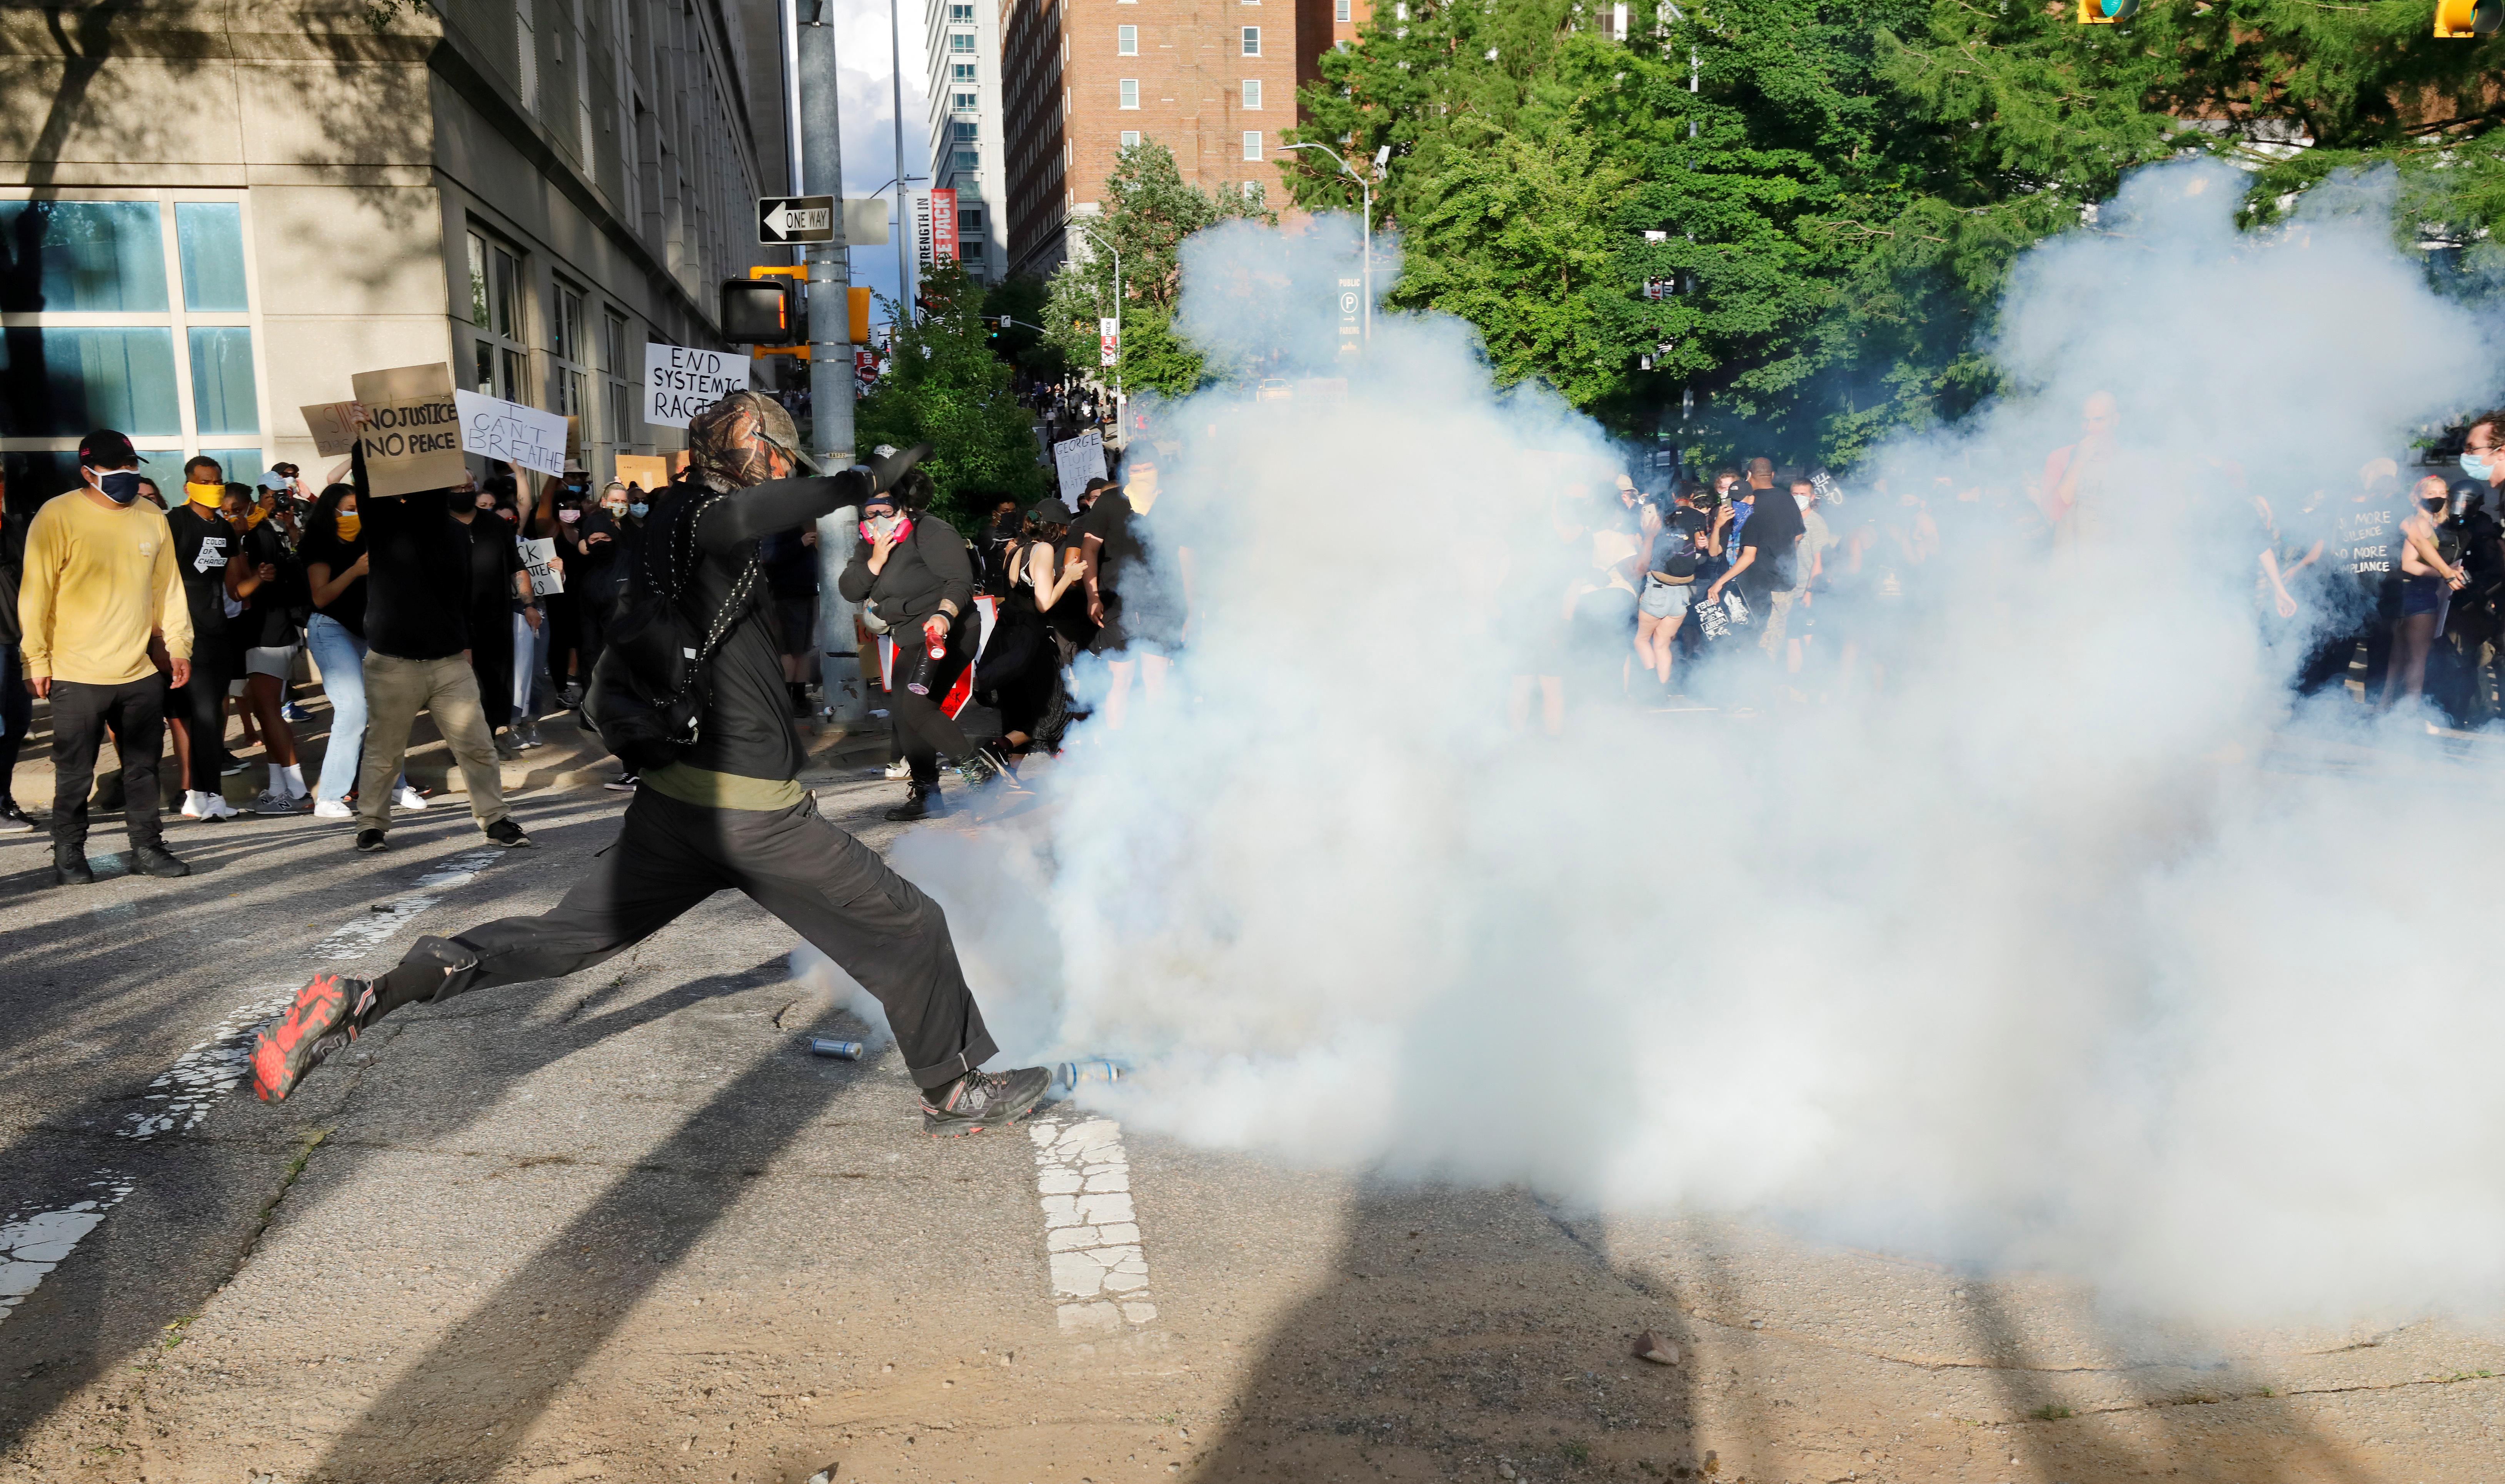 Un manifestante patea una lata de gas lacrimógeno en Raleigh, Carolina del Norte